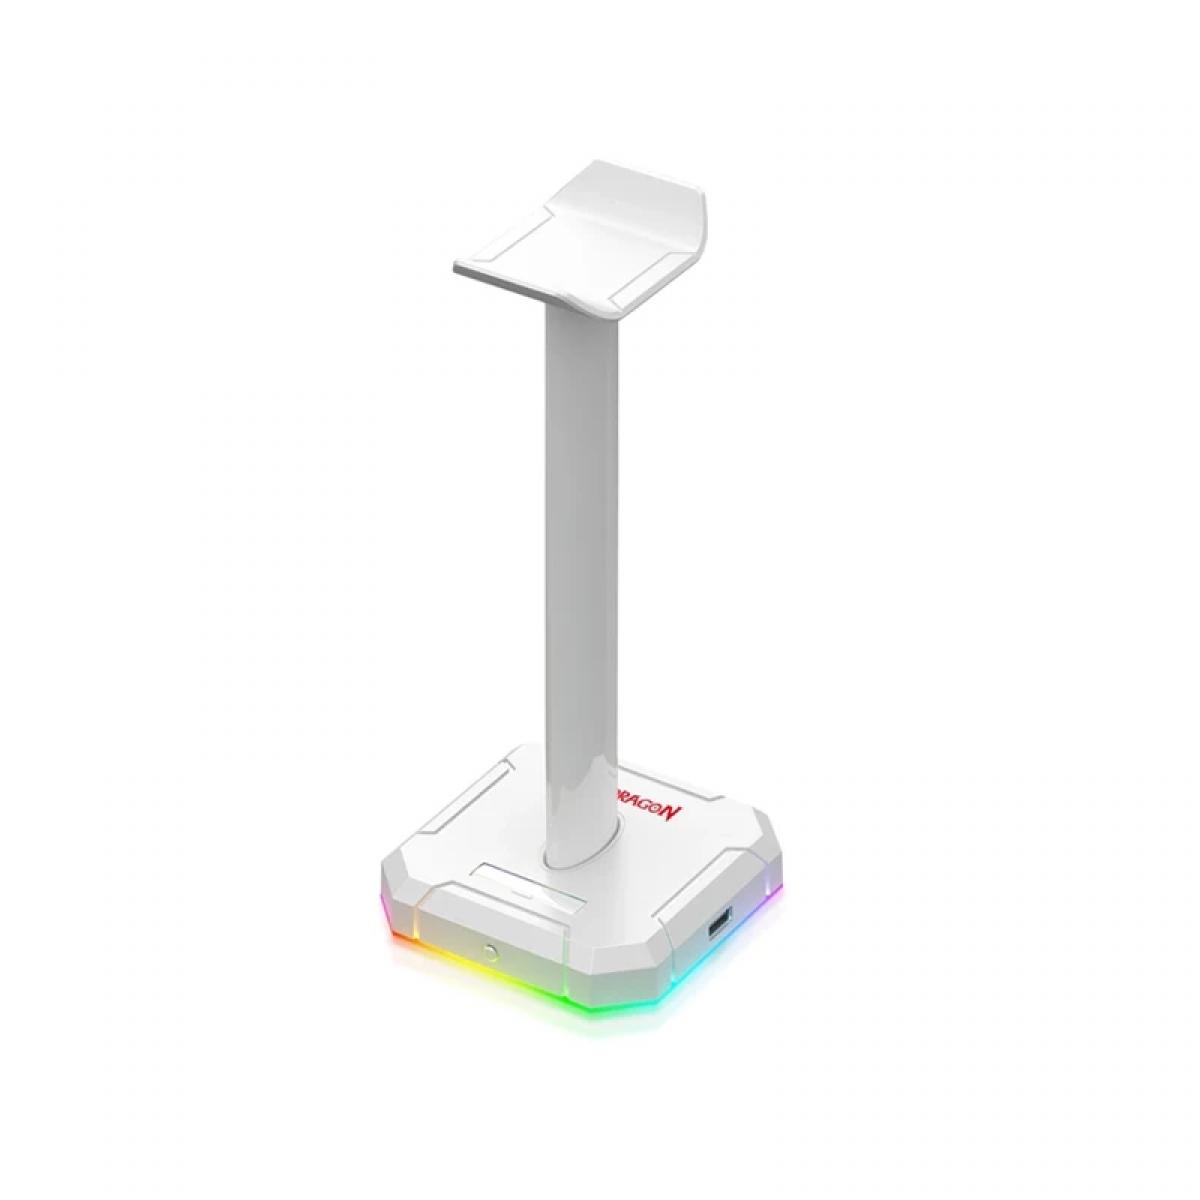 Suporte para Headset Redragon Scepter Pro RGB, White, HA300-W